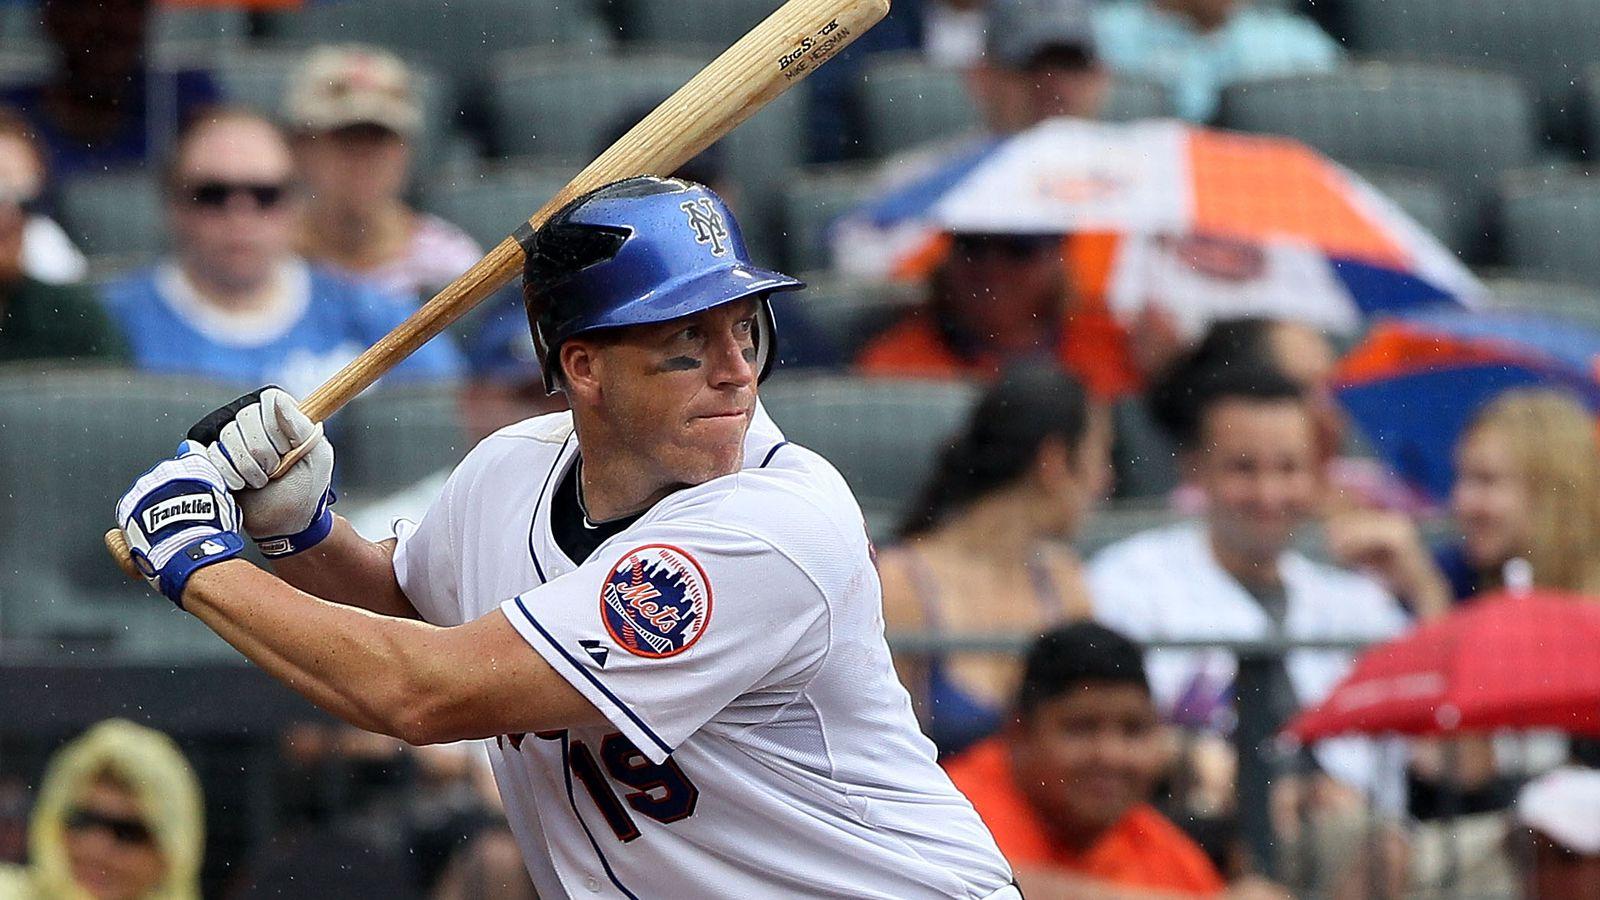 New Minor League Home Run Record